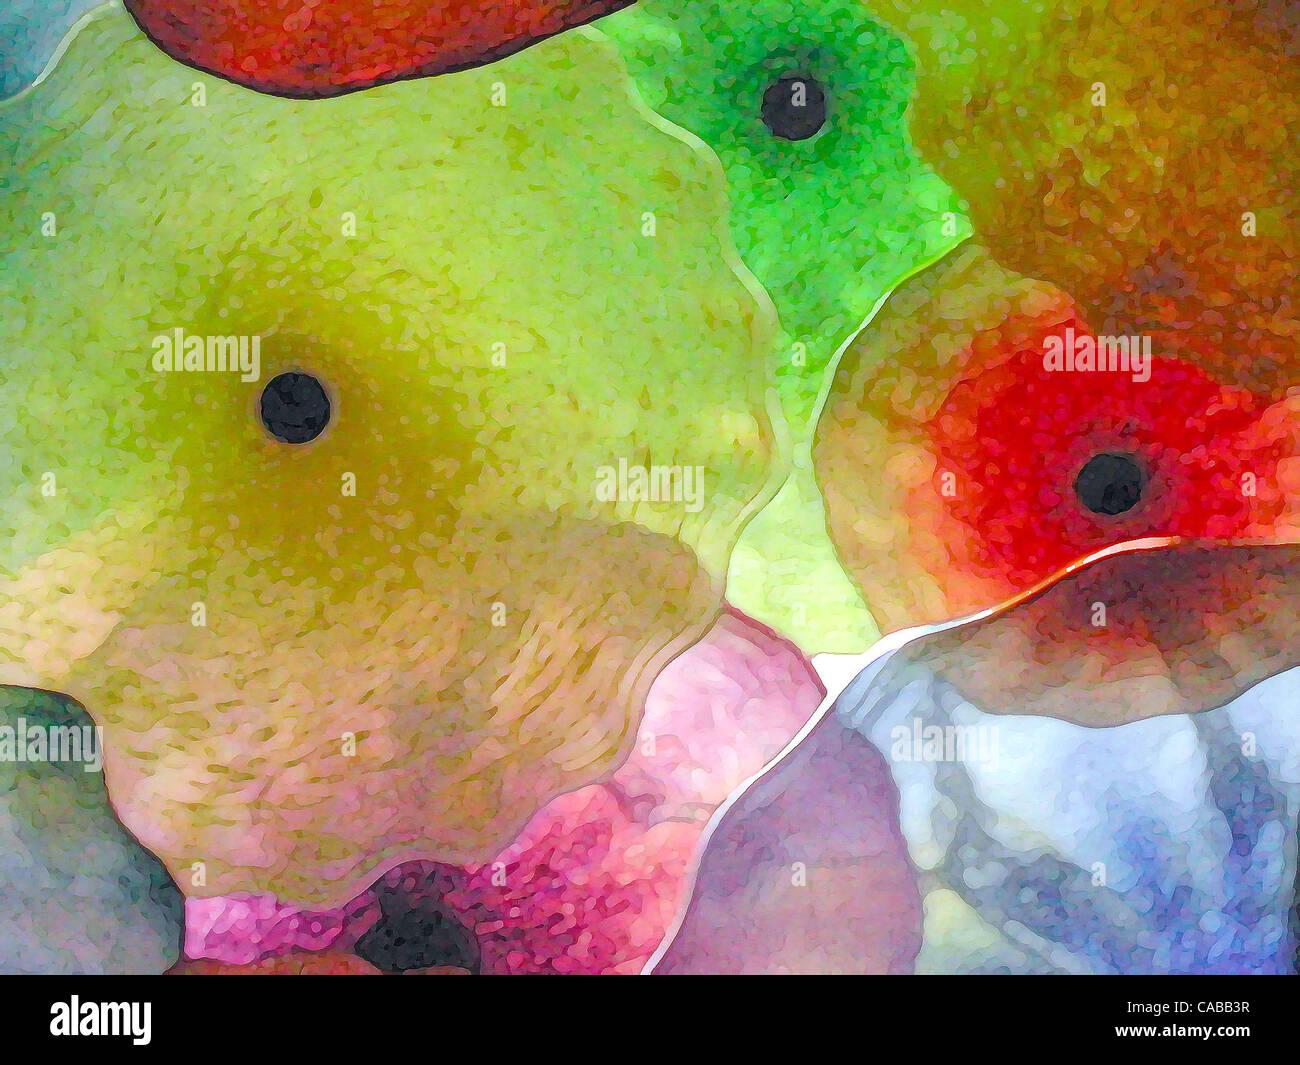 Jun 03, 2004; Los Ángeles, CA, EE.UU.; Abstract flores de vidrio. Imagen De Stock